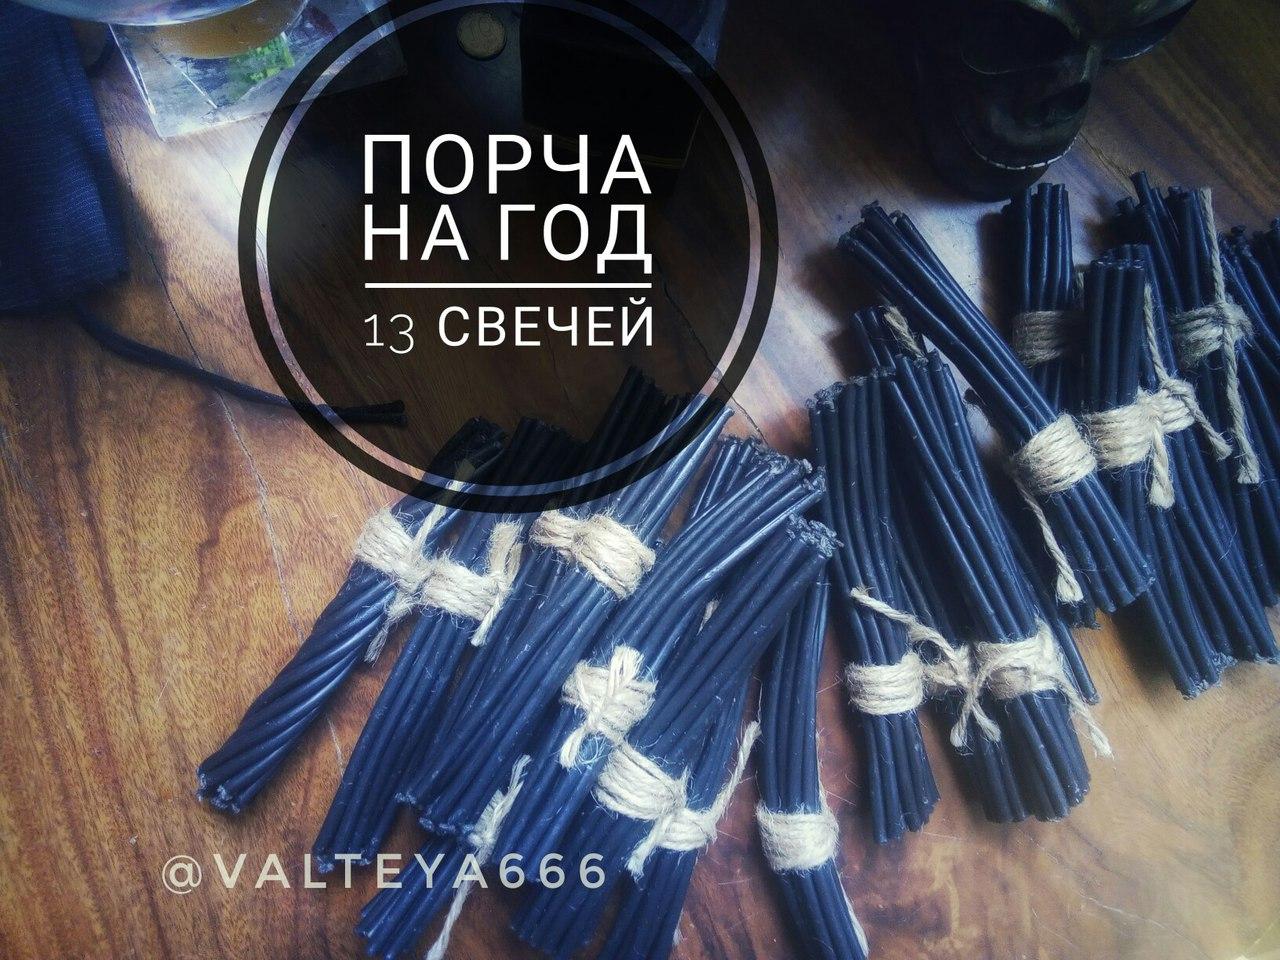 Программные свечи от Елены Руденко. - Страница 11 X8JO9kMBA10